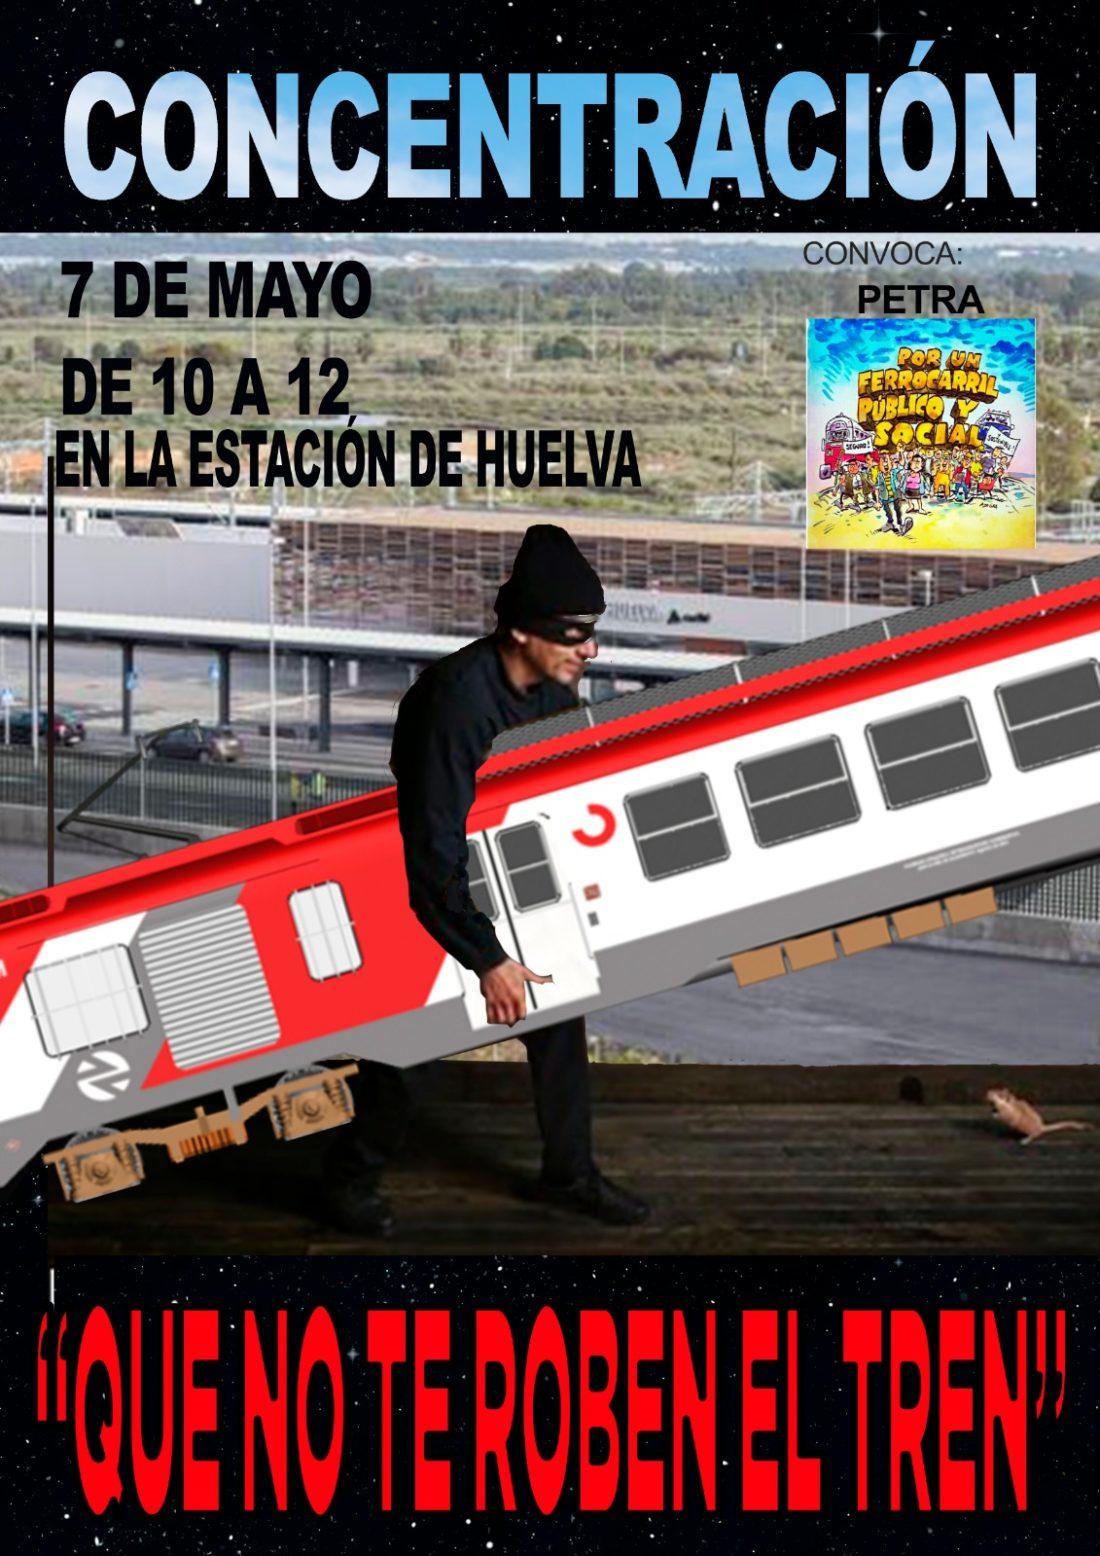 PTRA anuncia nueva acción de protesta por la situación ferroviaria en Andalucía el 7 de mayo de 10 a 12 en la estación de Huelva